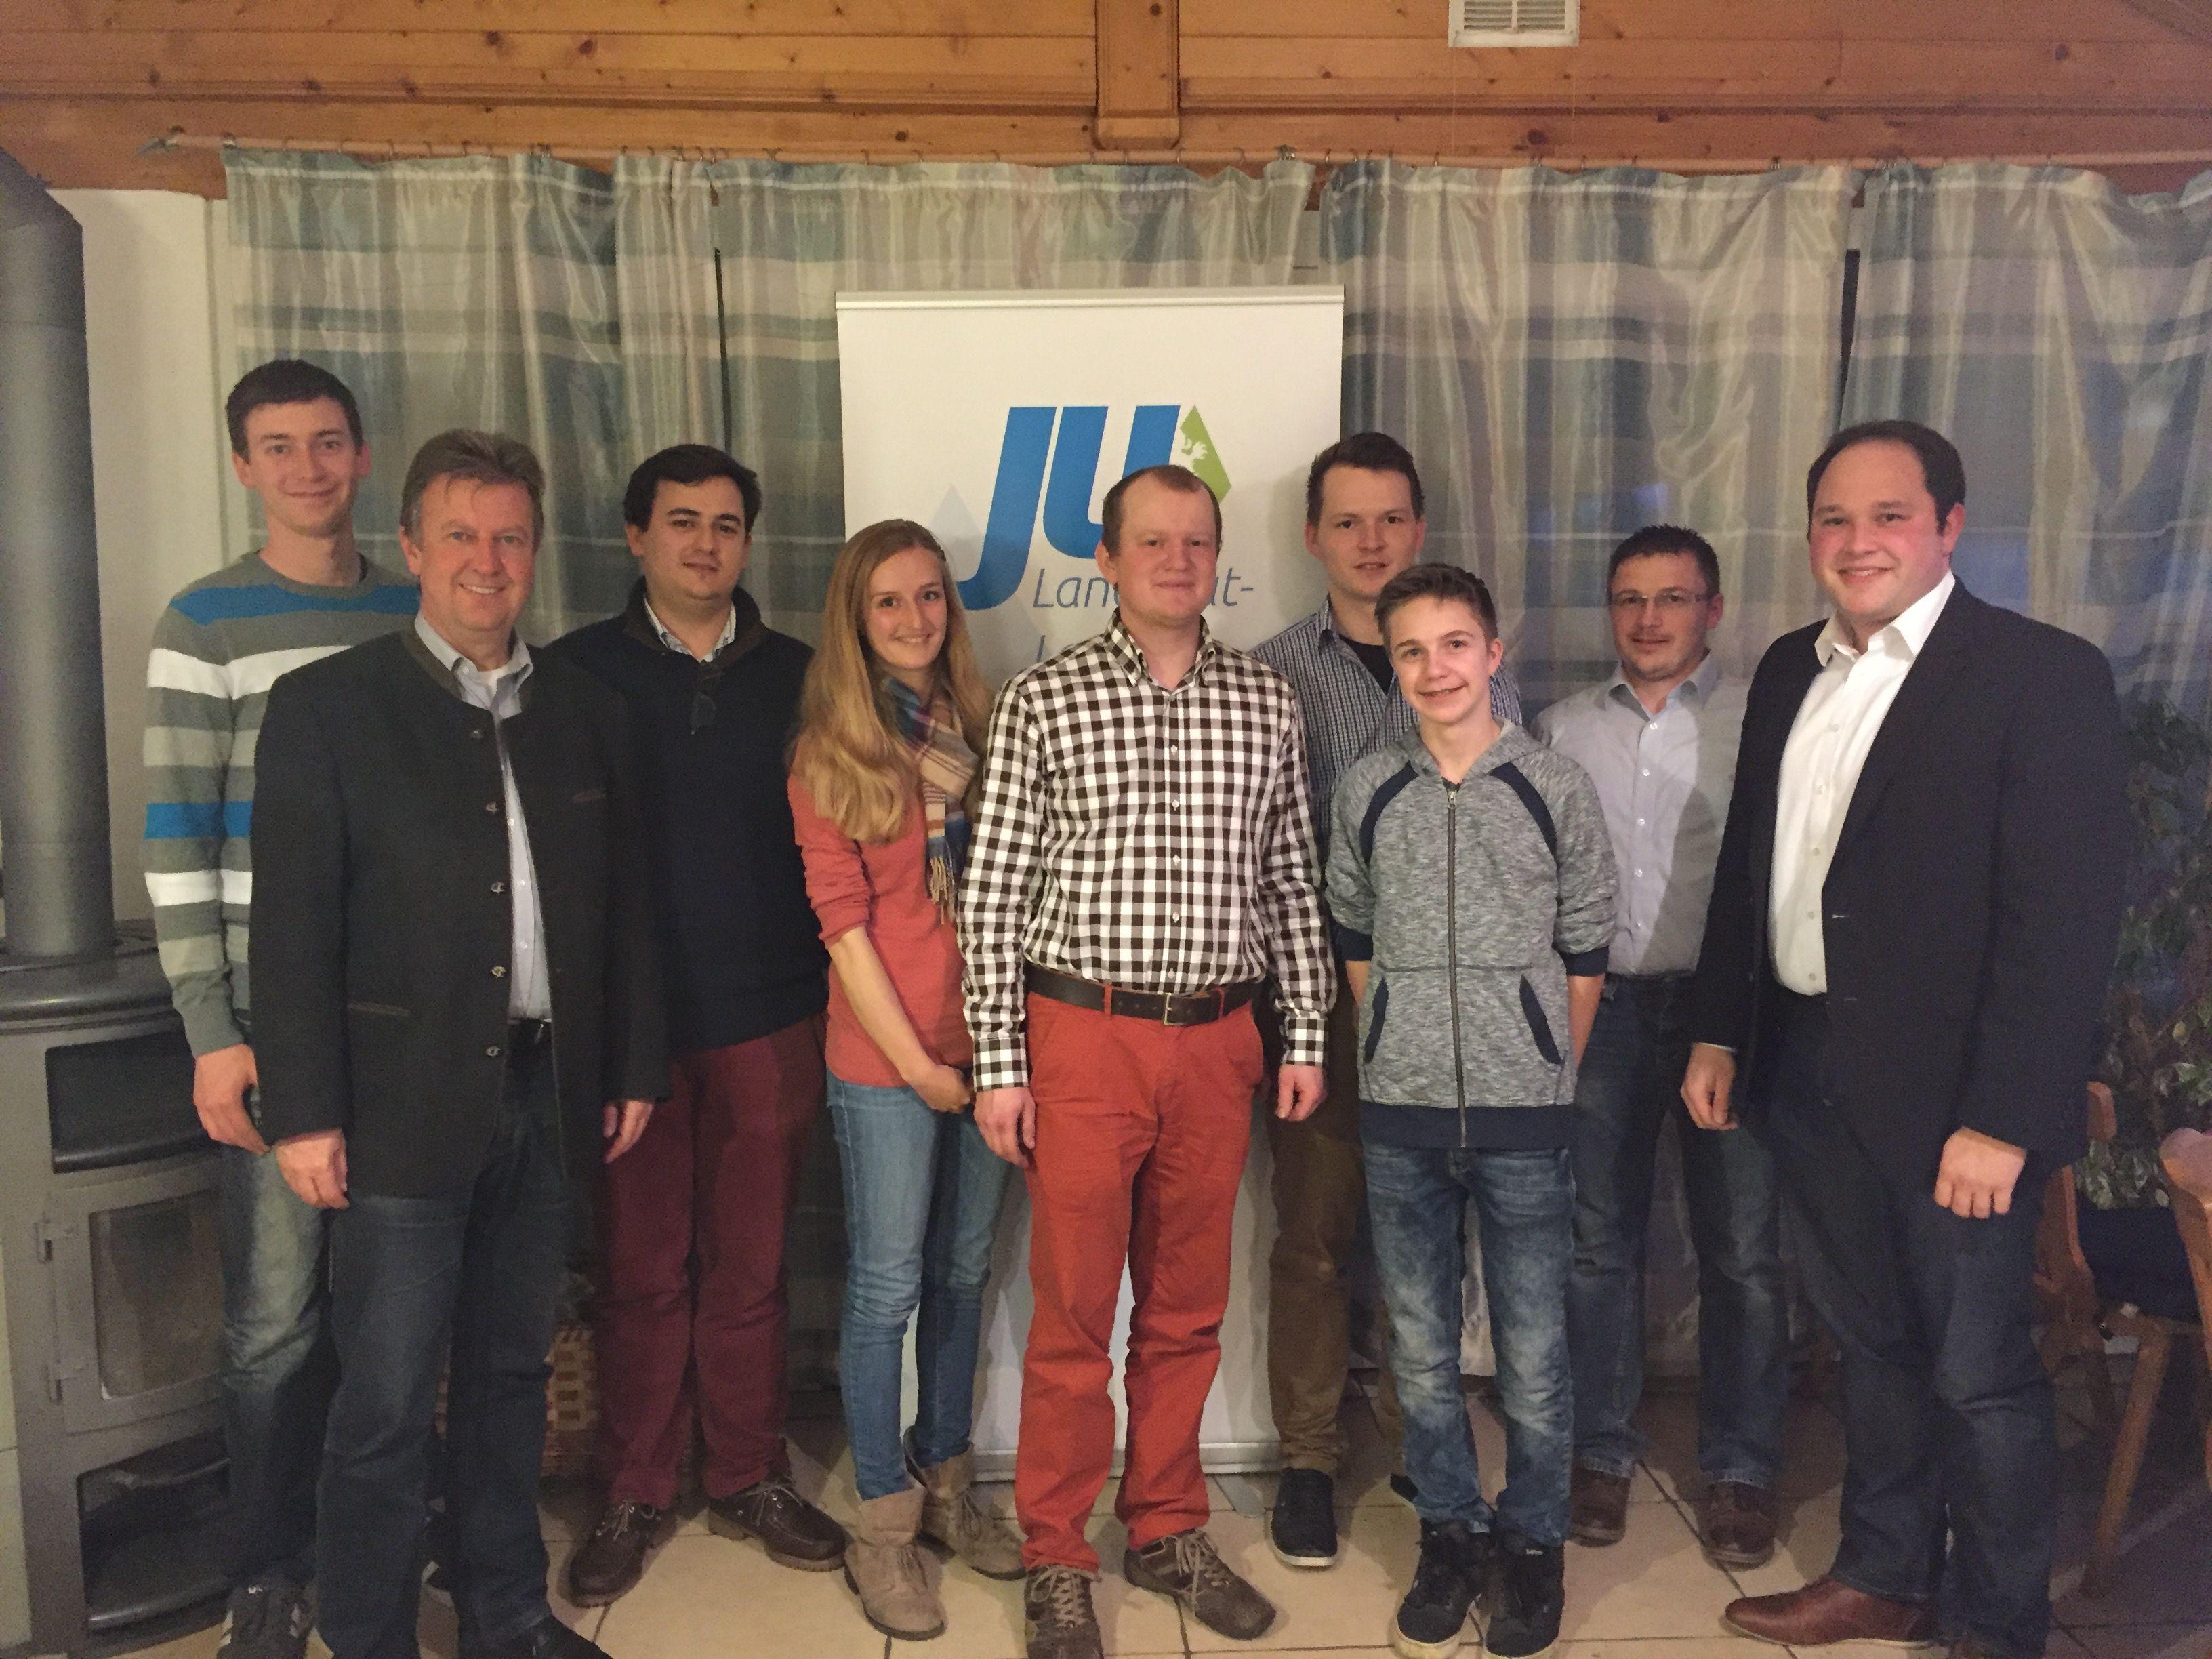 2016-04-13-jahreshauptversammlung-der-jungen-union.jpg